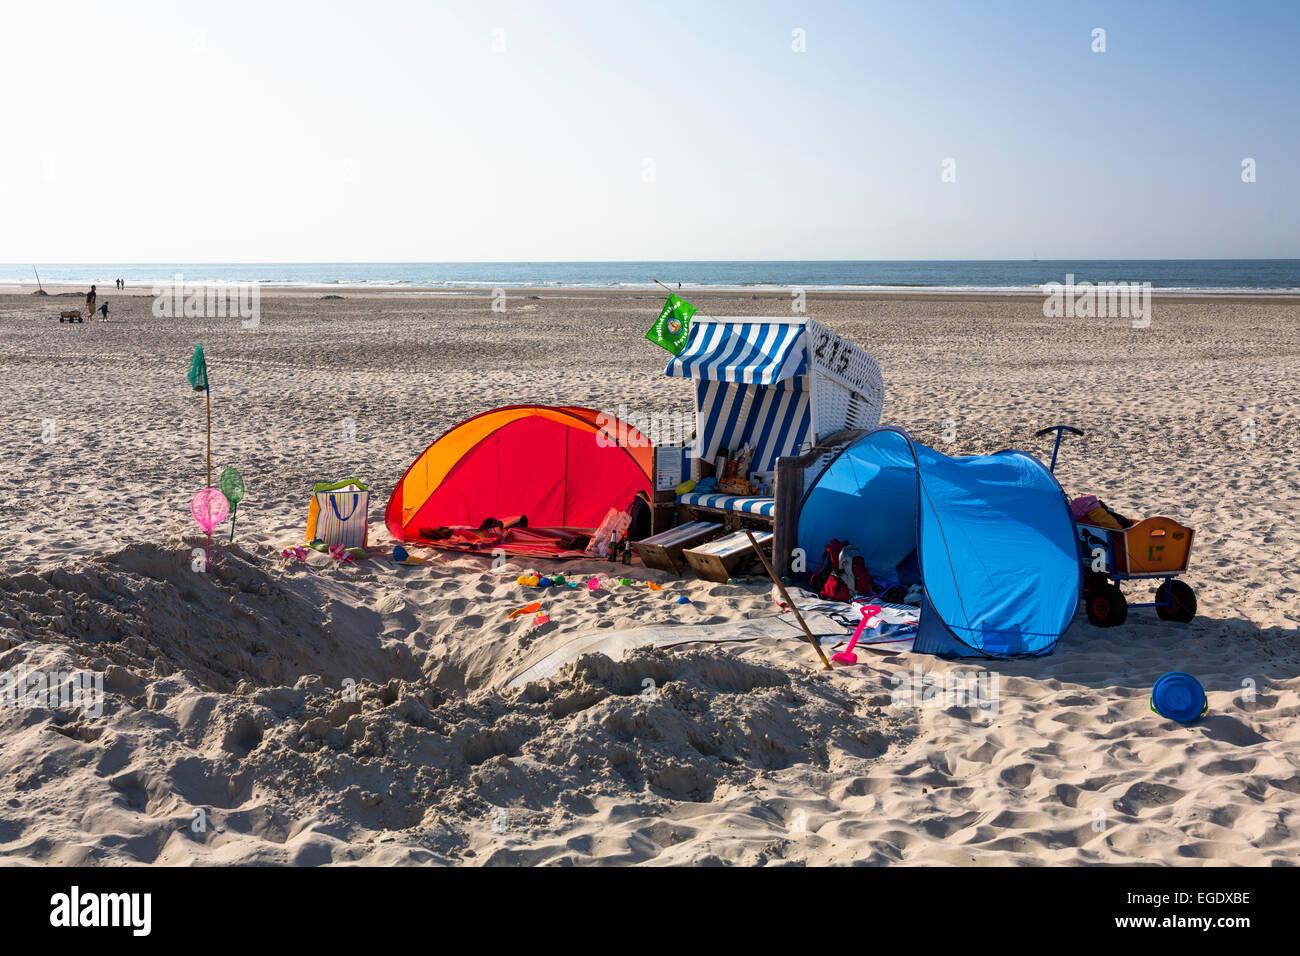 Strandkorb am Strand, Insel Spiekeroog, Nordsee, Ostfriesischen Inseln, Ostfriesland, Niedersachsen, Deutschland, Stockbild